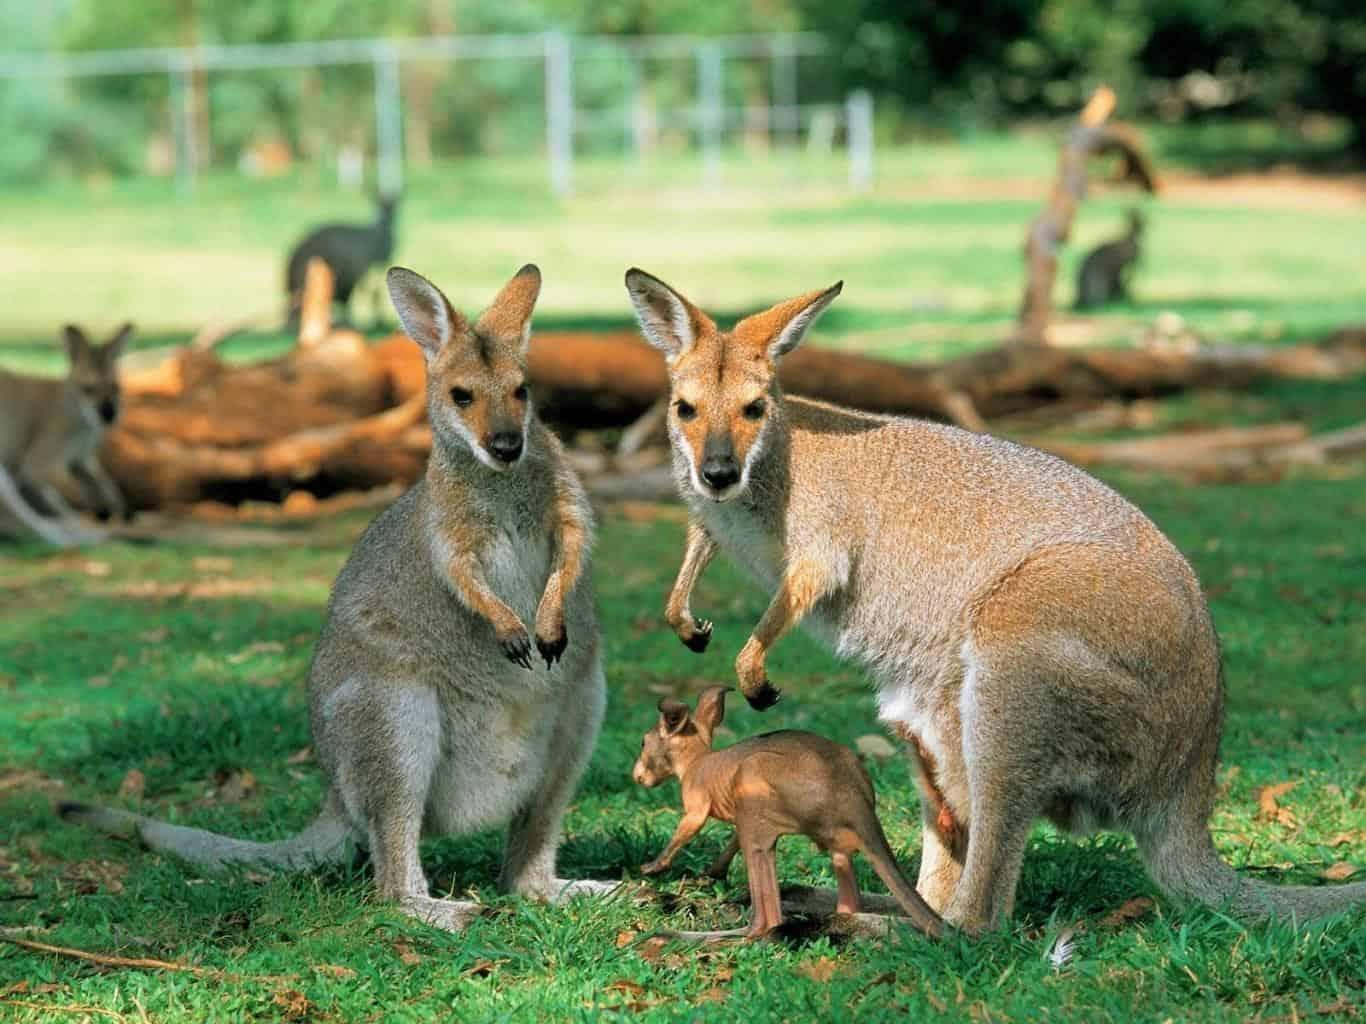 Nghe du học sinh kể những điều lầm tưởng về Úc mới thấy trước giờ ai cũng nghĩ sai về nước này - Ảnh 8.